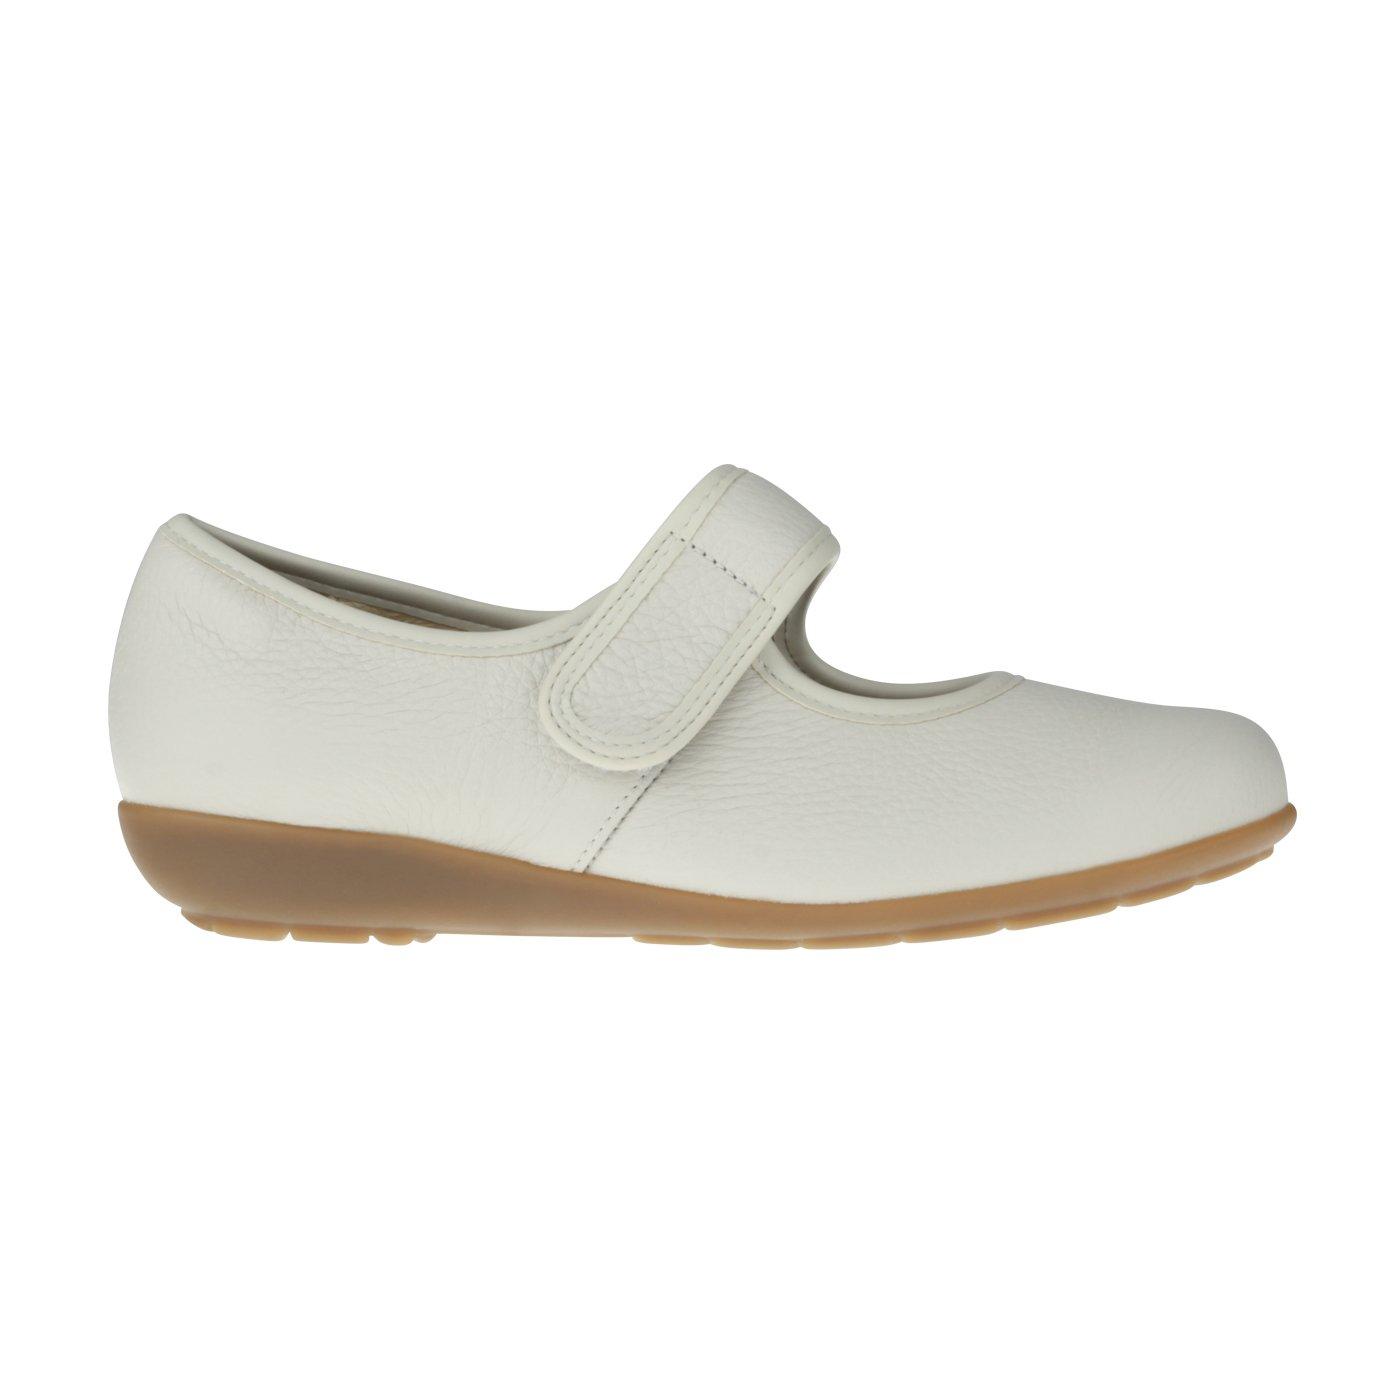 Natural aus Feet Tessamino Damen Ballerina aus Natural Hirschleder | Klassisch | Weite H | für Einlagen Beige cdf0fc